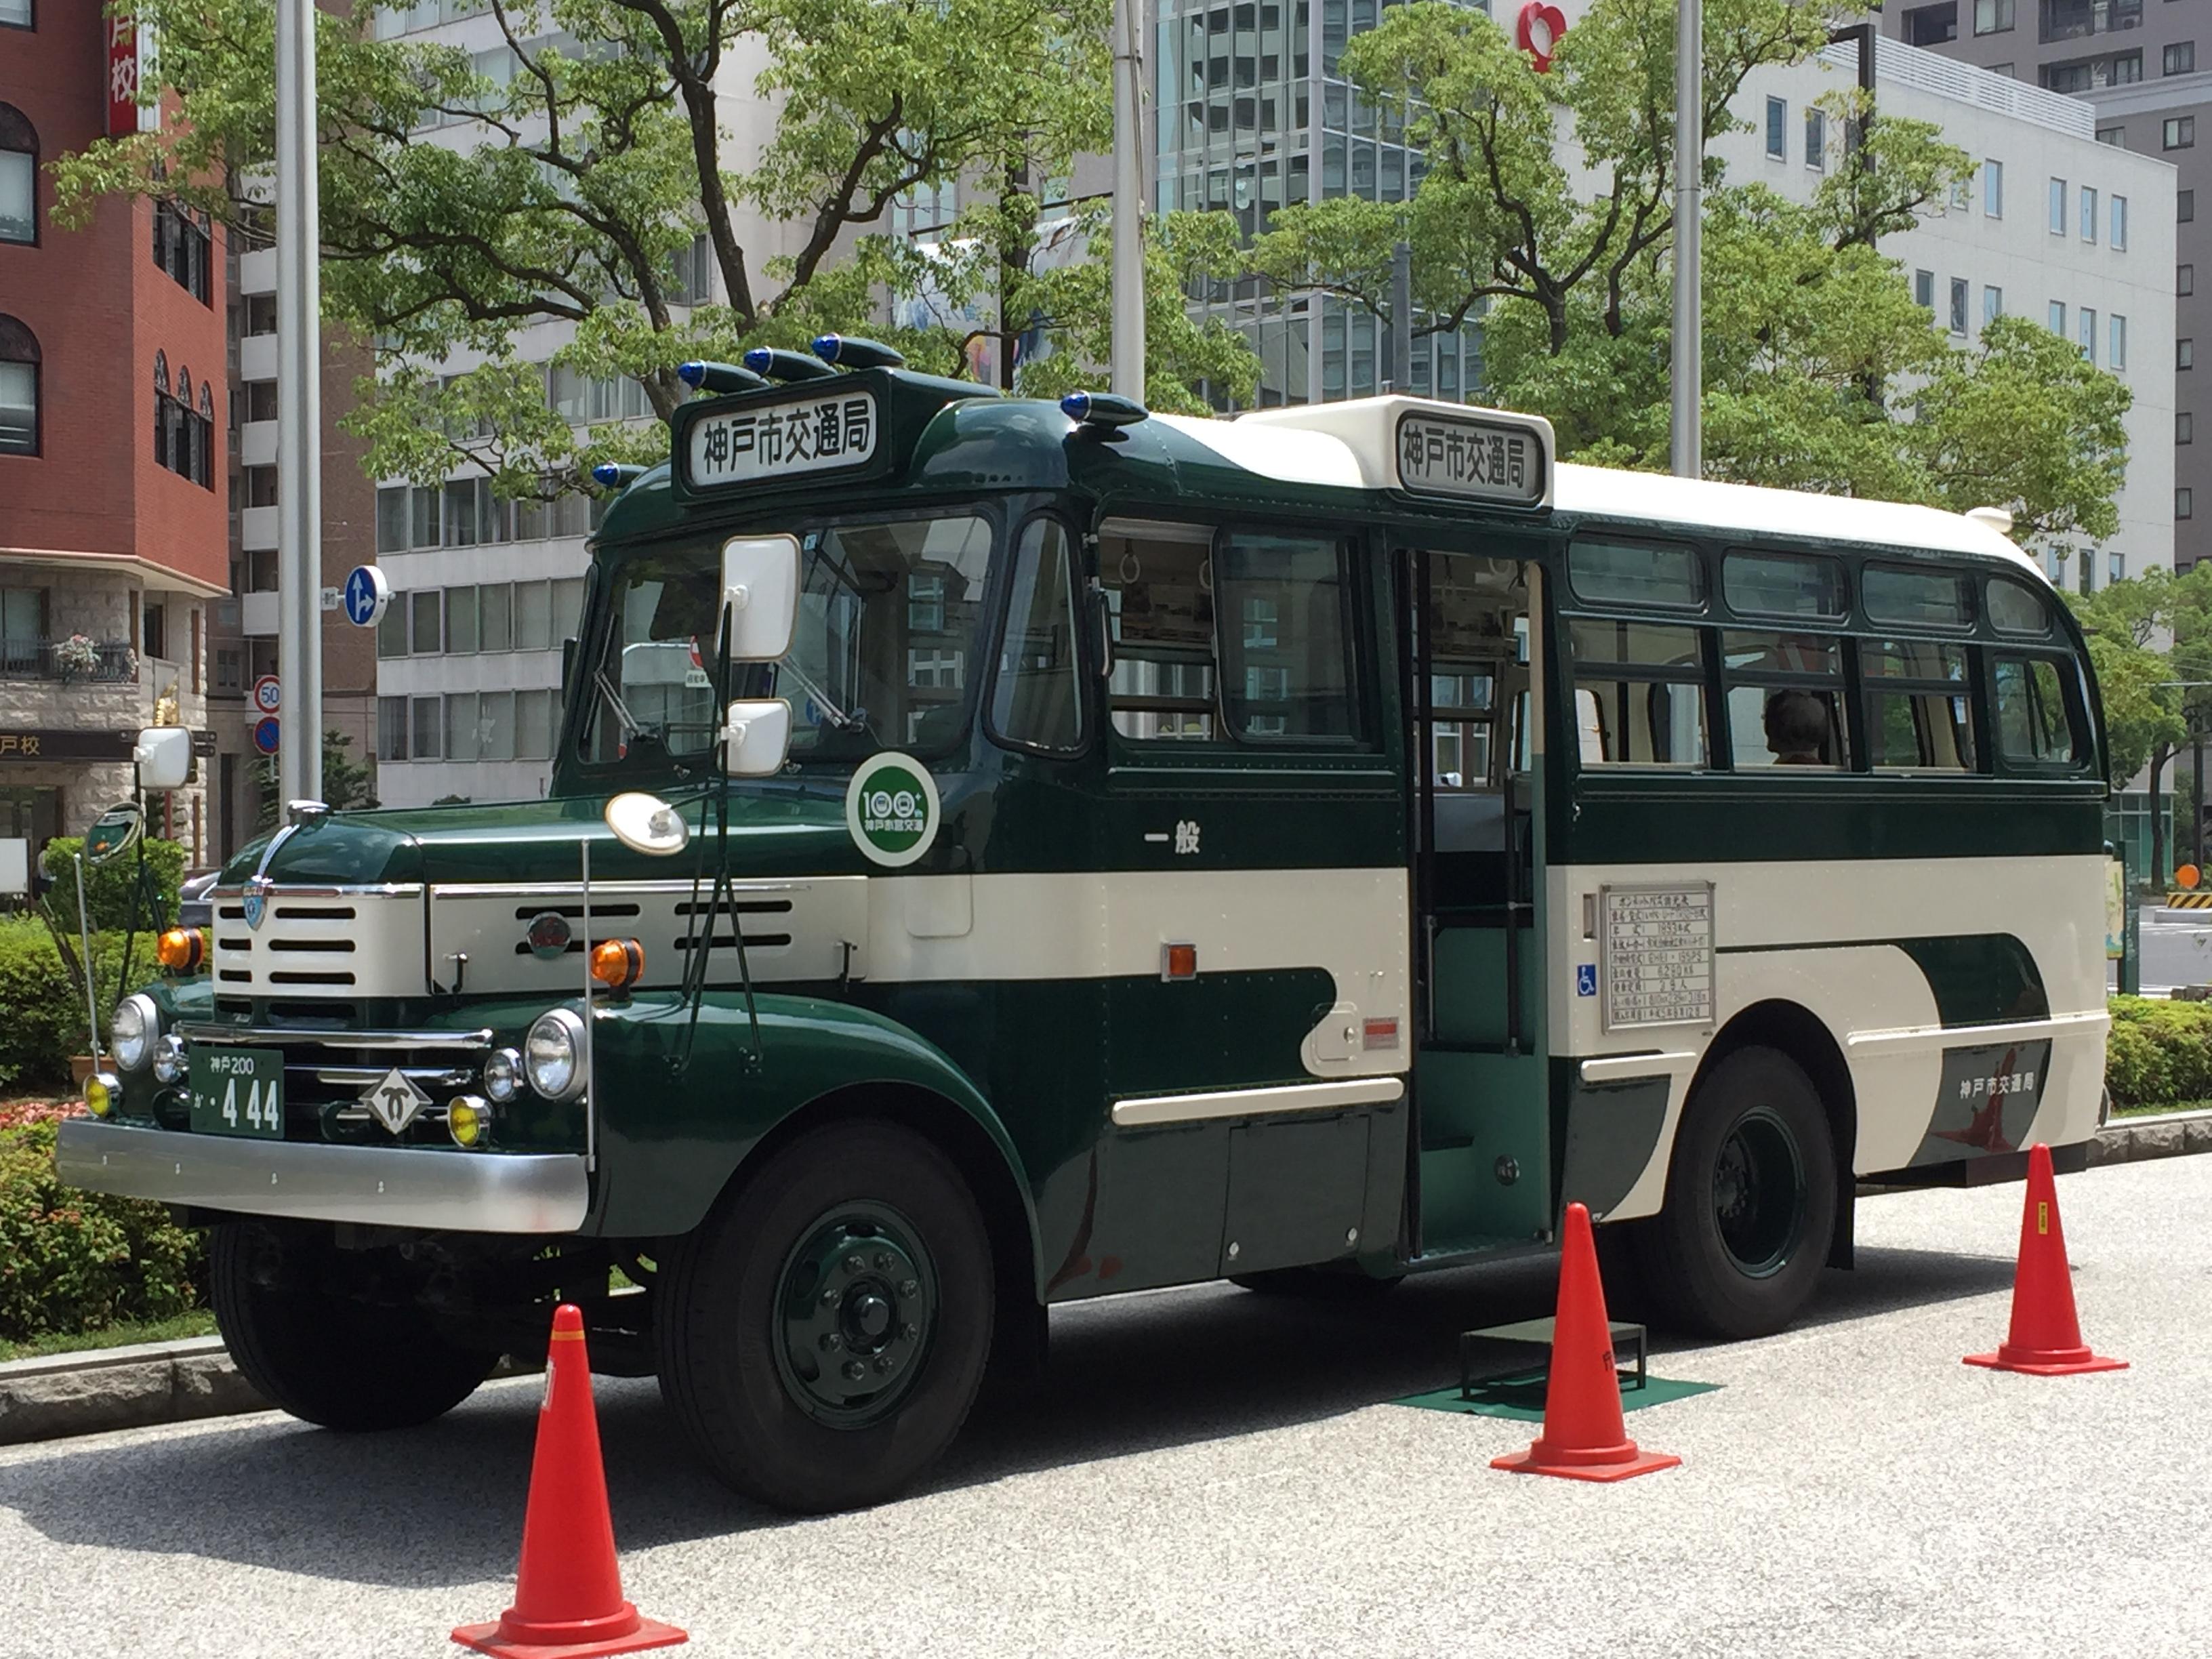 神戸市西区の神戸市交通局市バス車両工場で11/12「市バス車両工場フェスティバル~車両工場ってなんだろう~」が開催されるよ!#市バス車両工場フェスティバル #神戸市バス